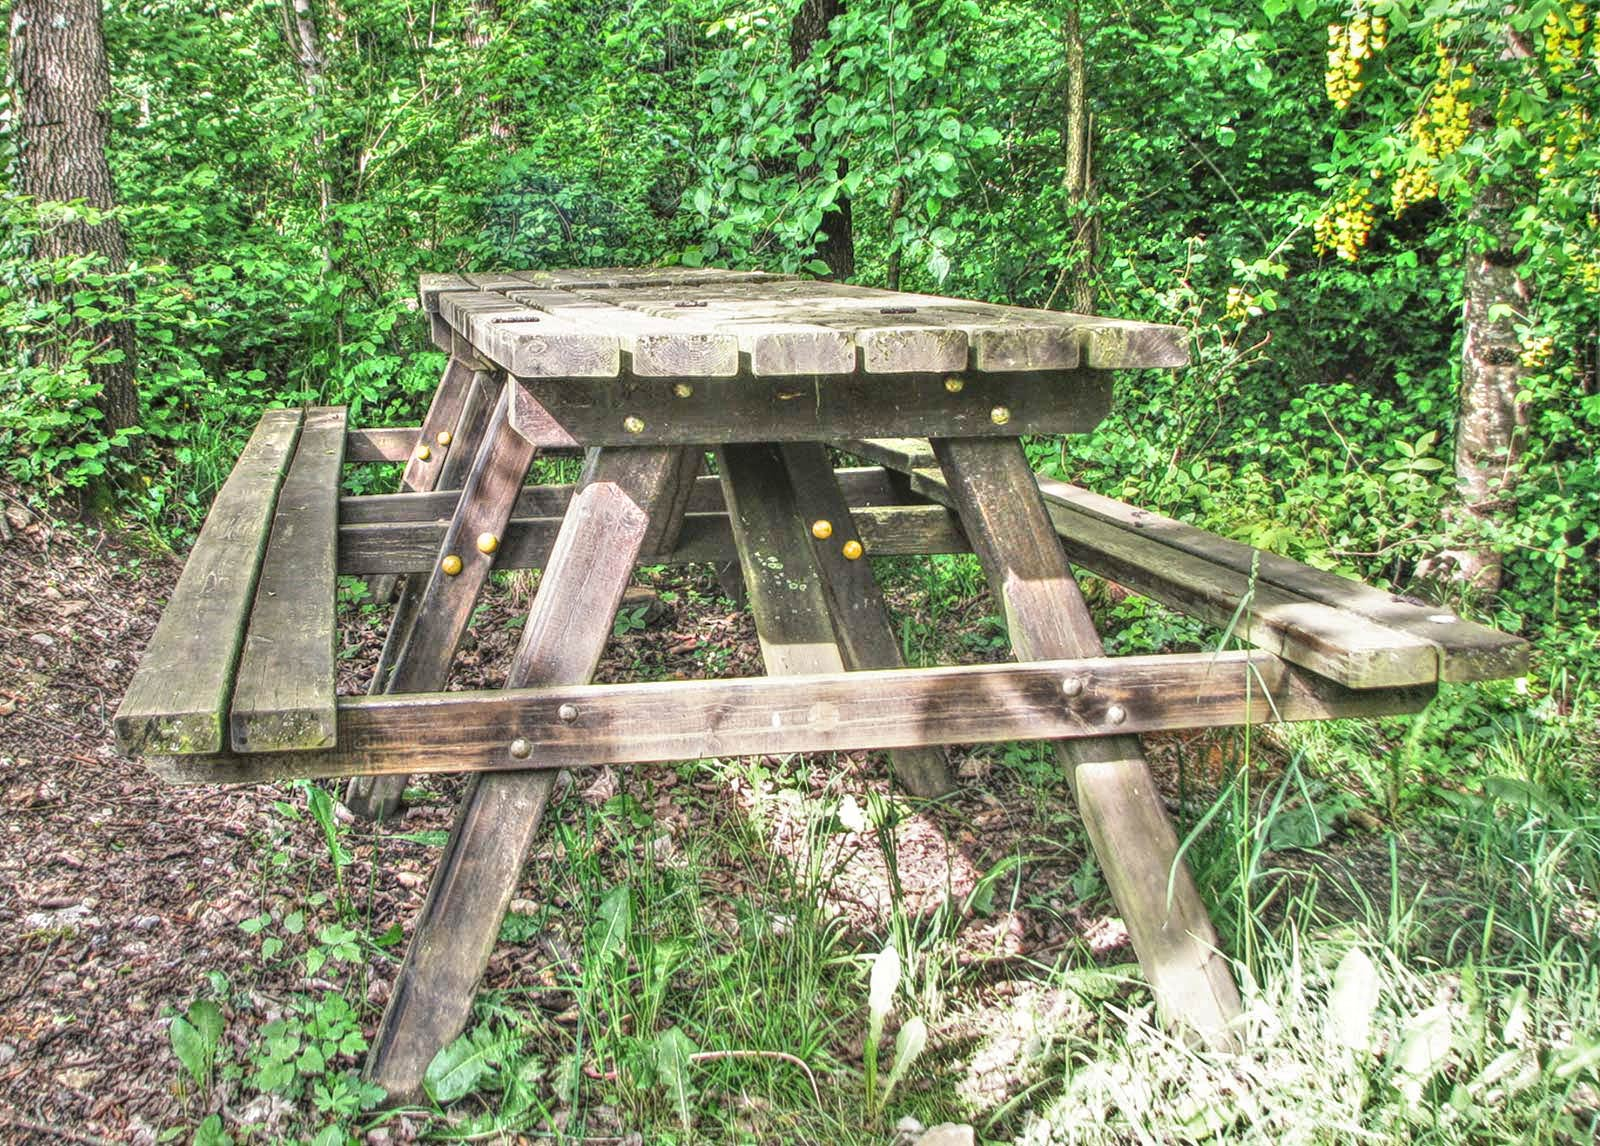 tavolo esterno torre dolomiti pietra b&b trichiana belluno orto alpino